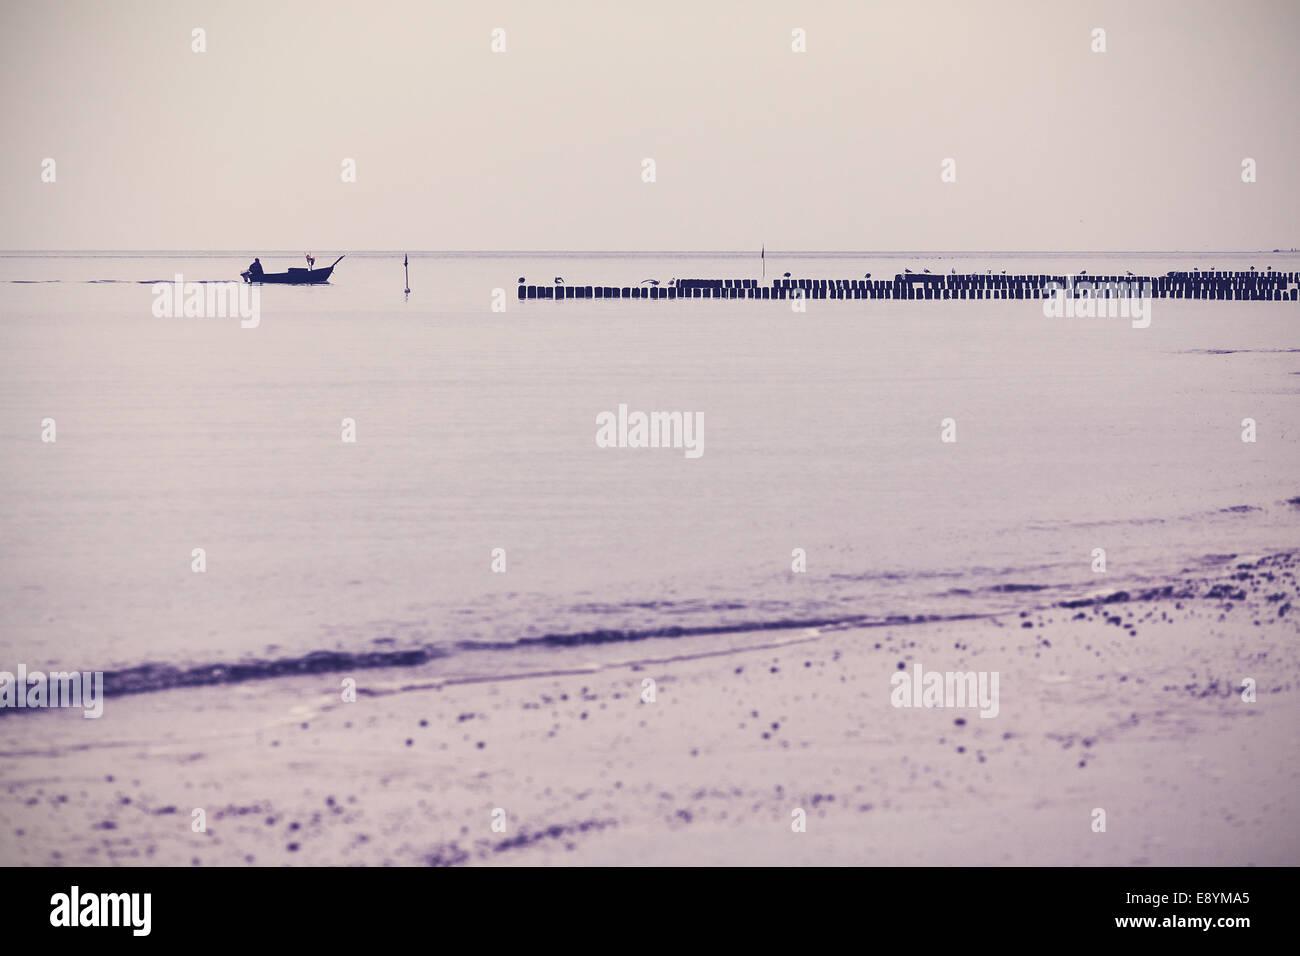 Nostalgisches Retro-gefilterte Meer Landschaft Hintergrund. Stockbild